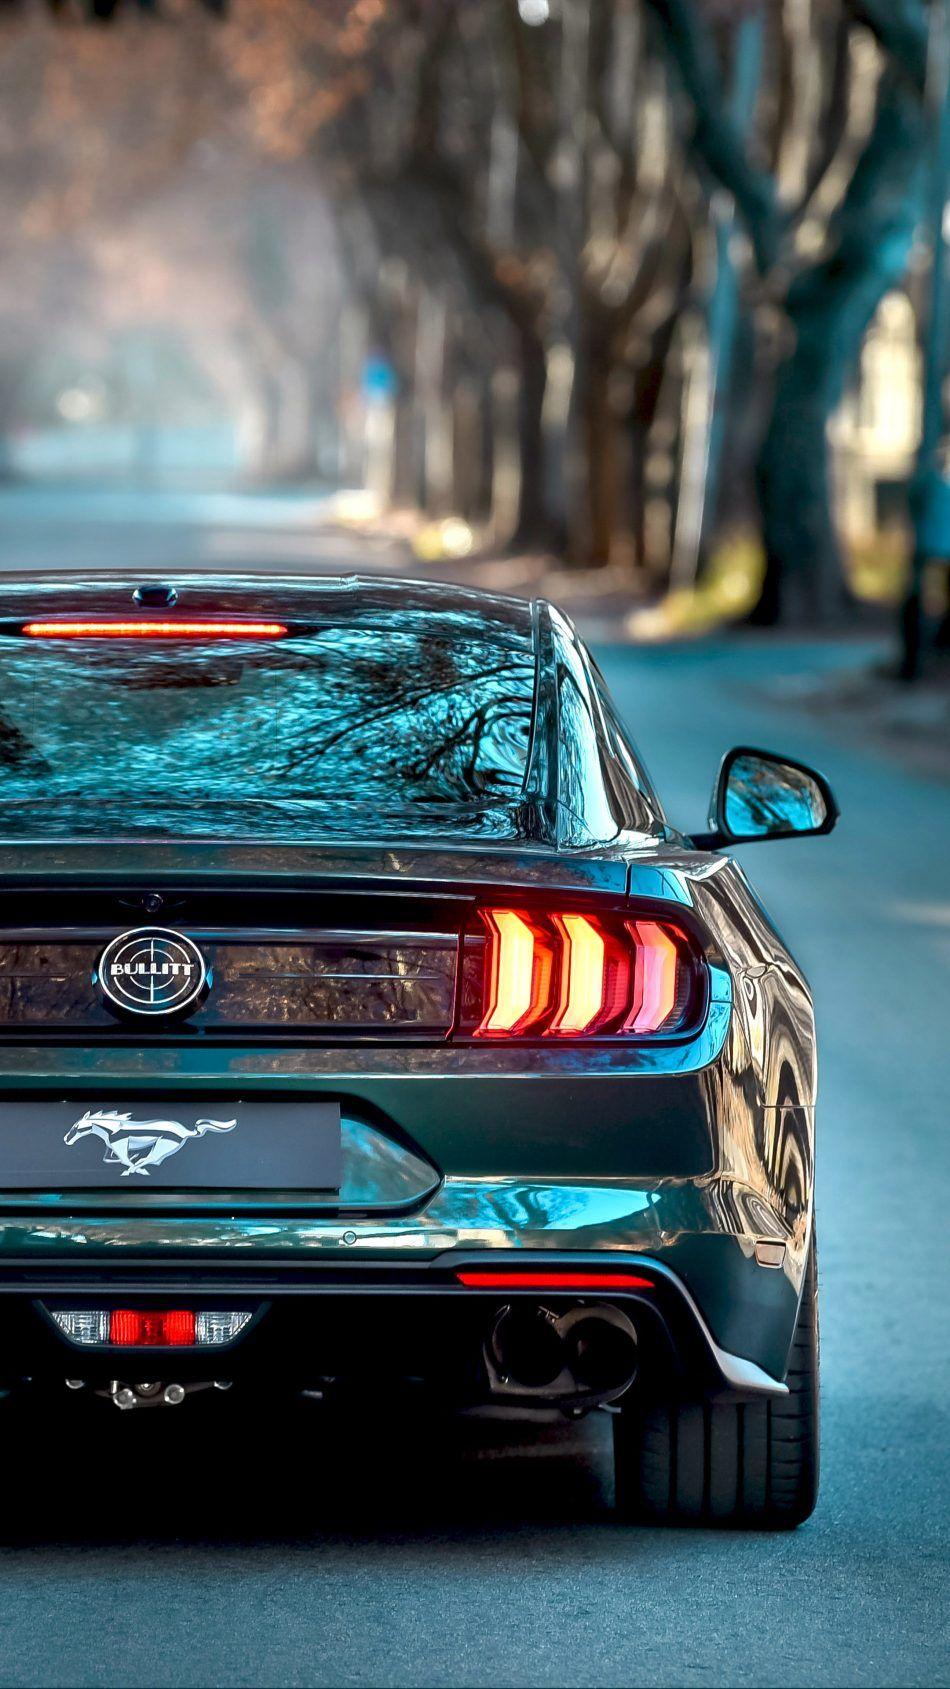 Ford Mustang Bullitt 2019 4K Ultra HD Mobile Wallpaper Ford 950x1689